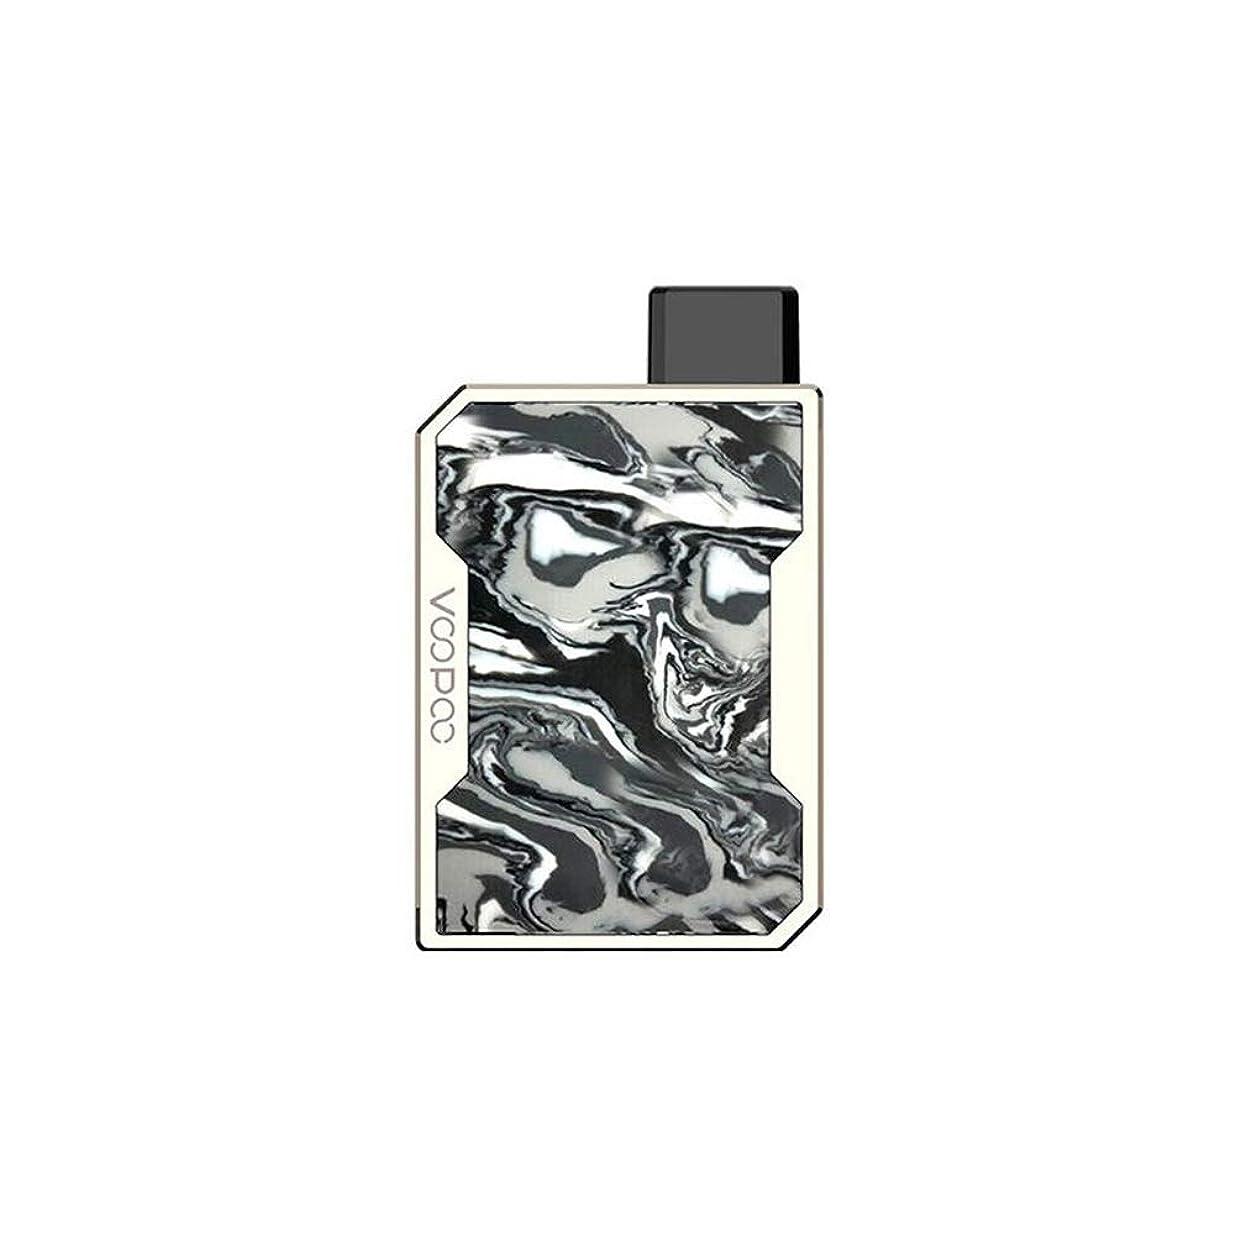 ドリンク開拓者イチゴVOOPOO Drag Nano Pod System vape kit【正規品】電子タバコセット付贈するチェーンネックレス (Ink)